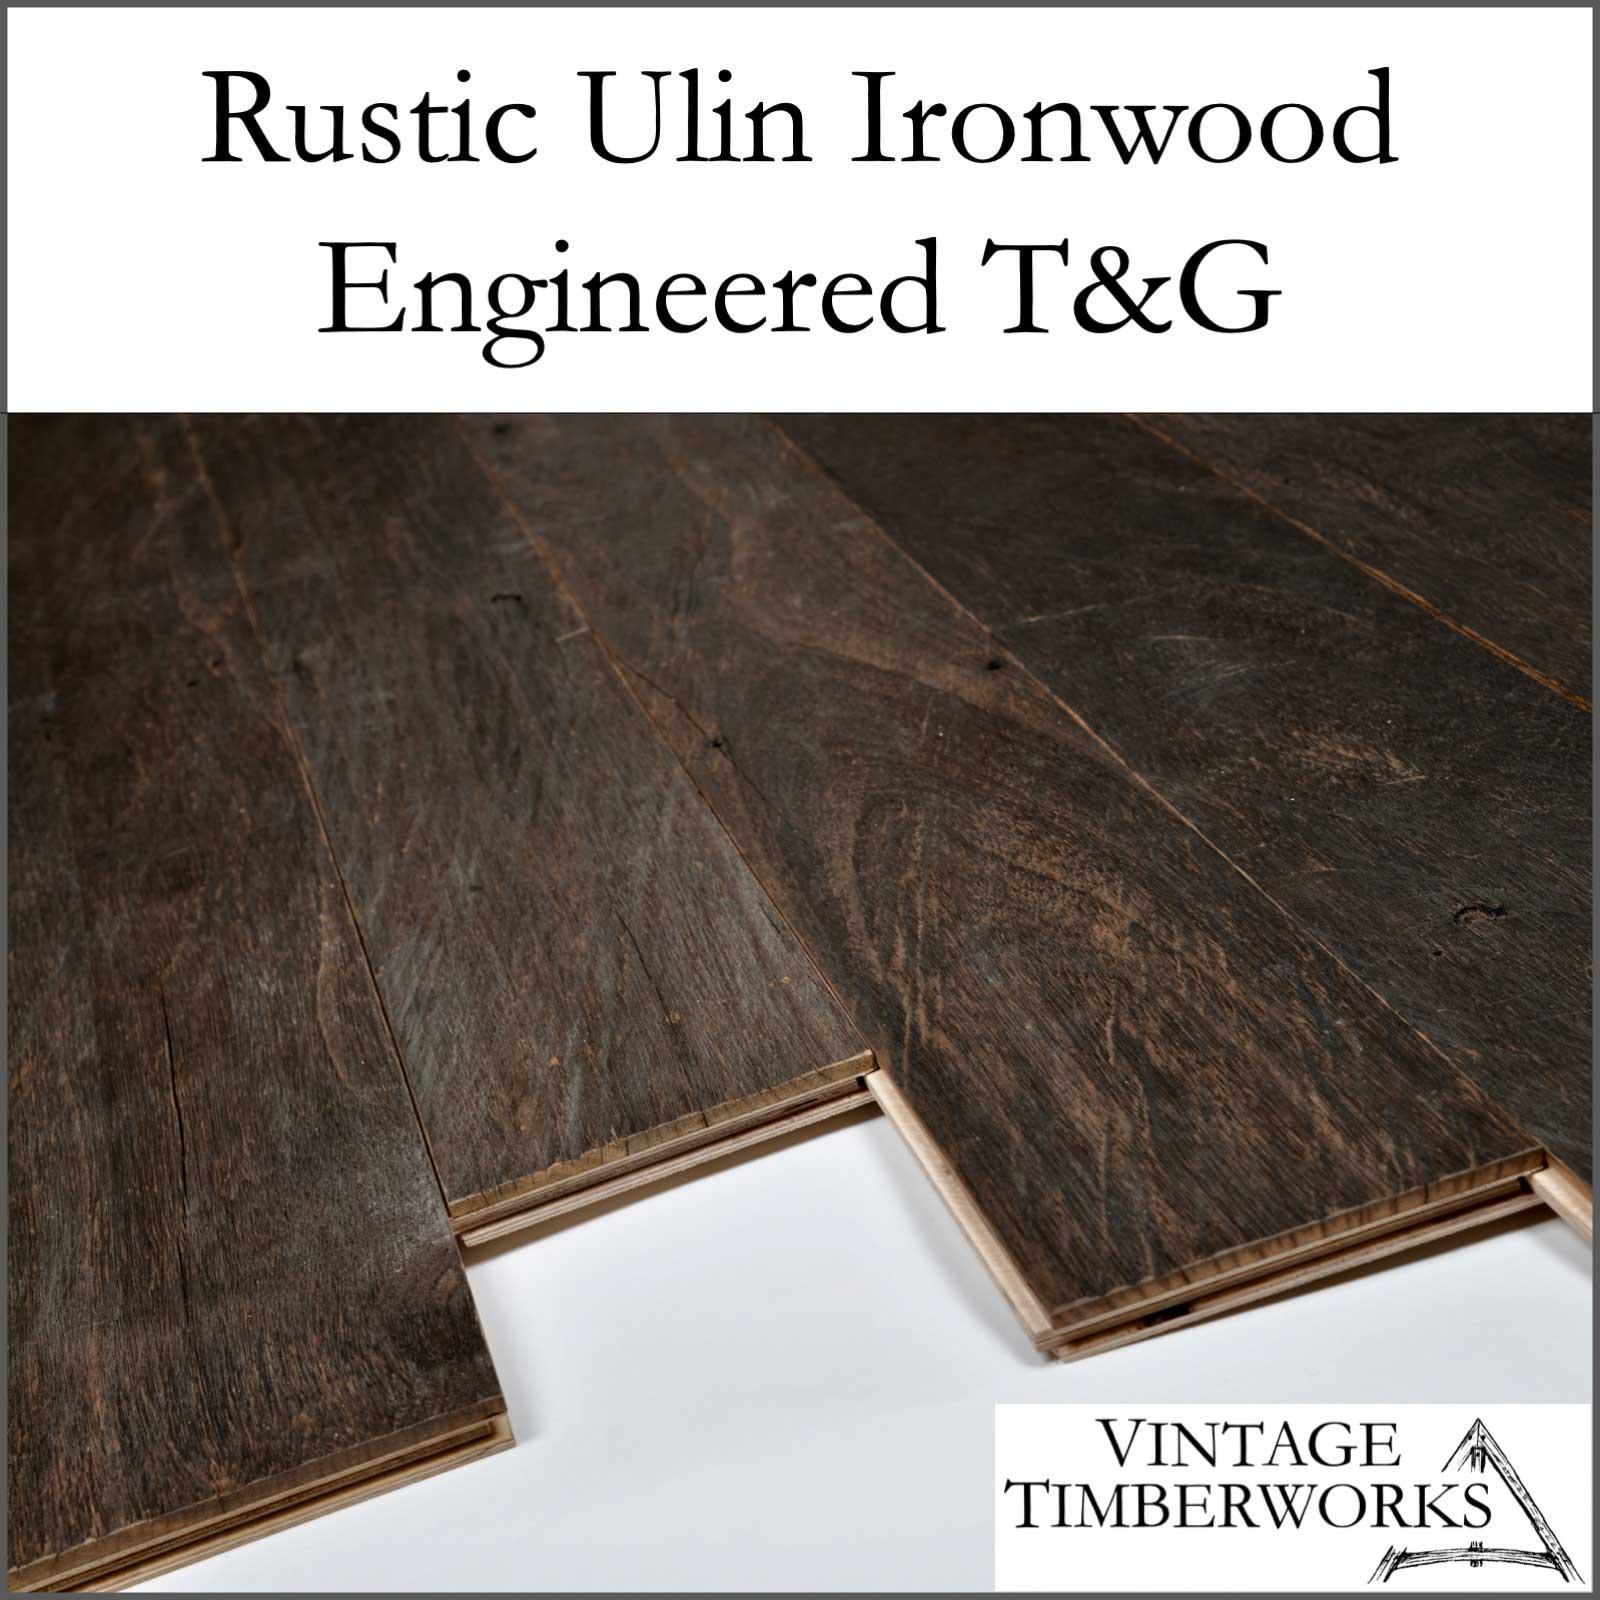 Rustic Ulin Ironwood Engineered Flooring - Ulin Ironwood